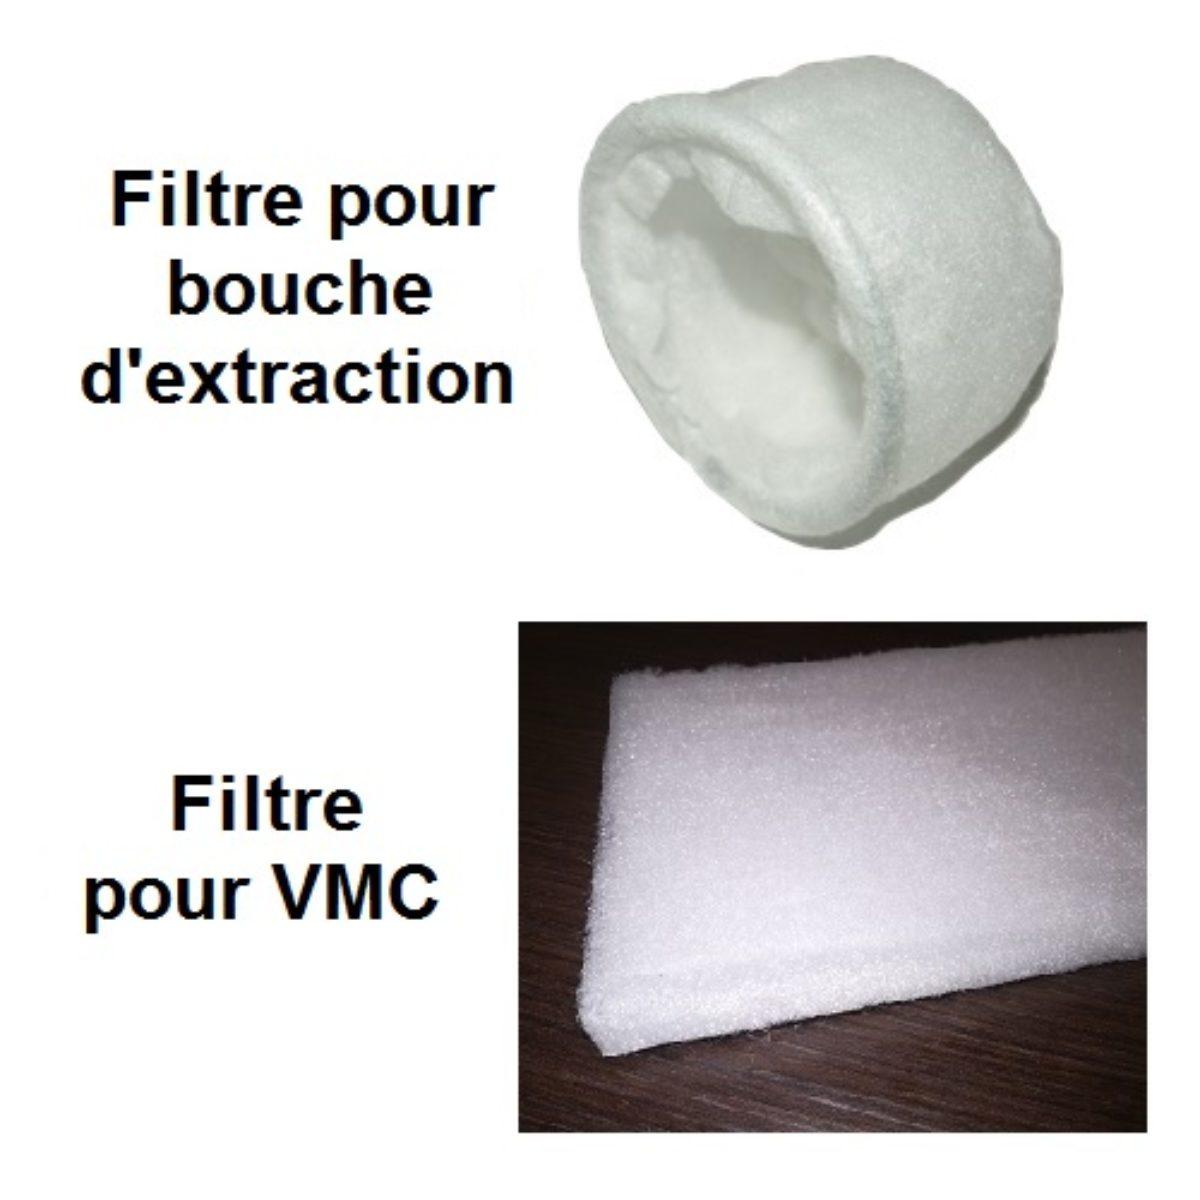 Filtre Conduit Vmc Cousu Sur Fil Isofilter